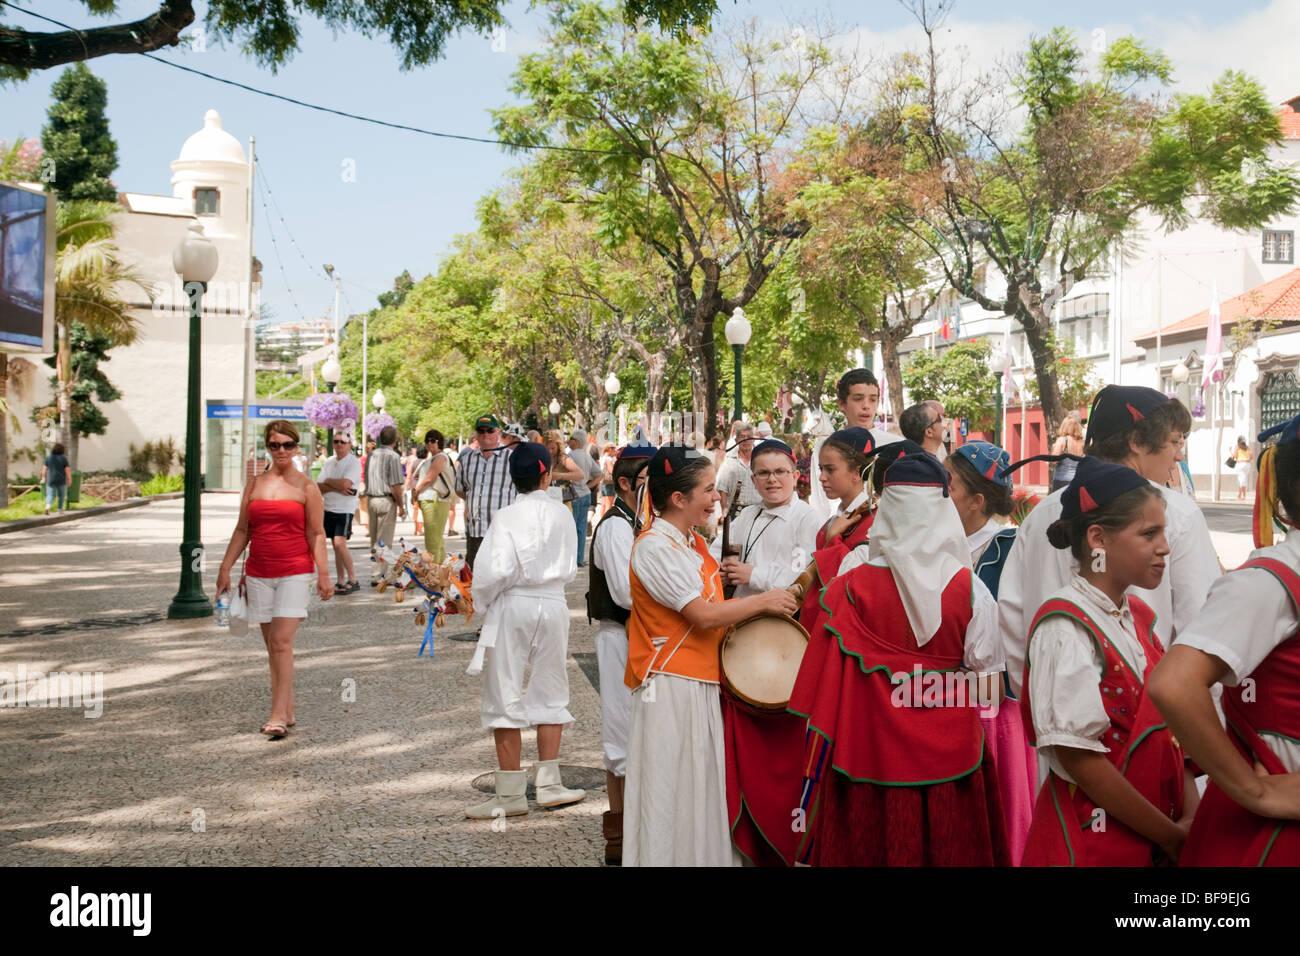 Madeira-Kinder in traditionellen Kostümen tanzen auf den Straßen von Funchal, Madeira Stockbild